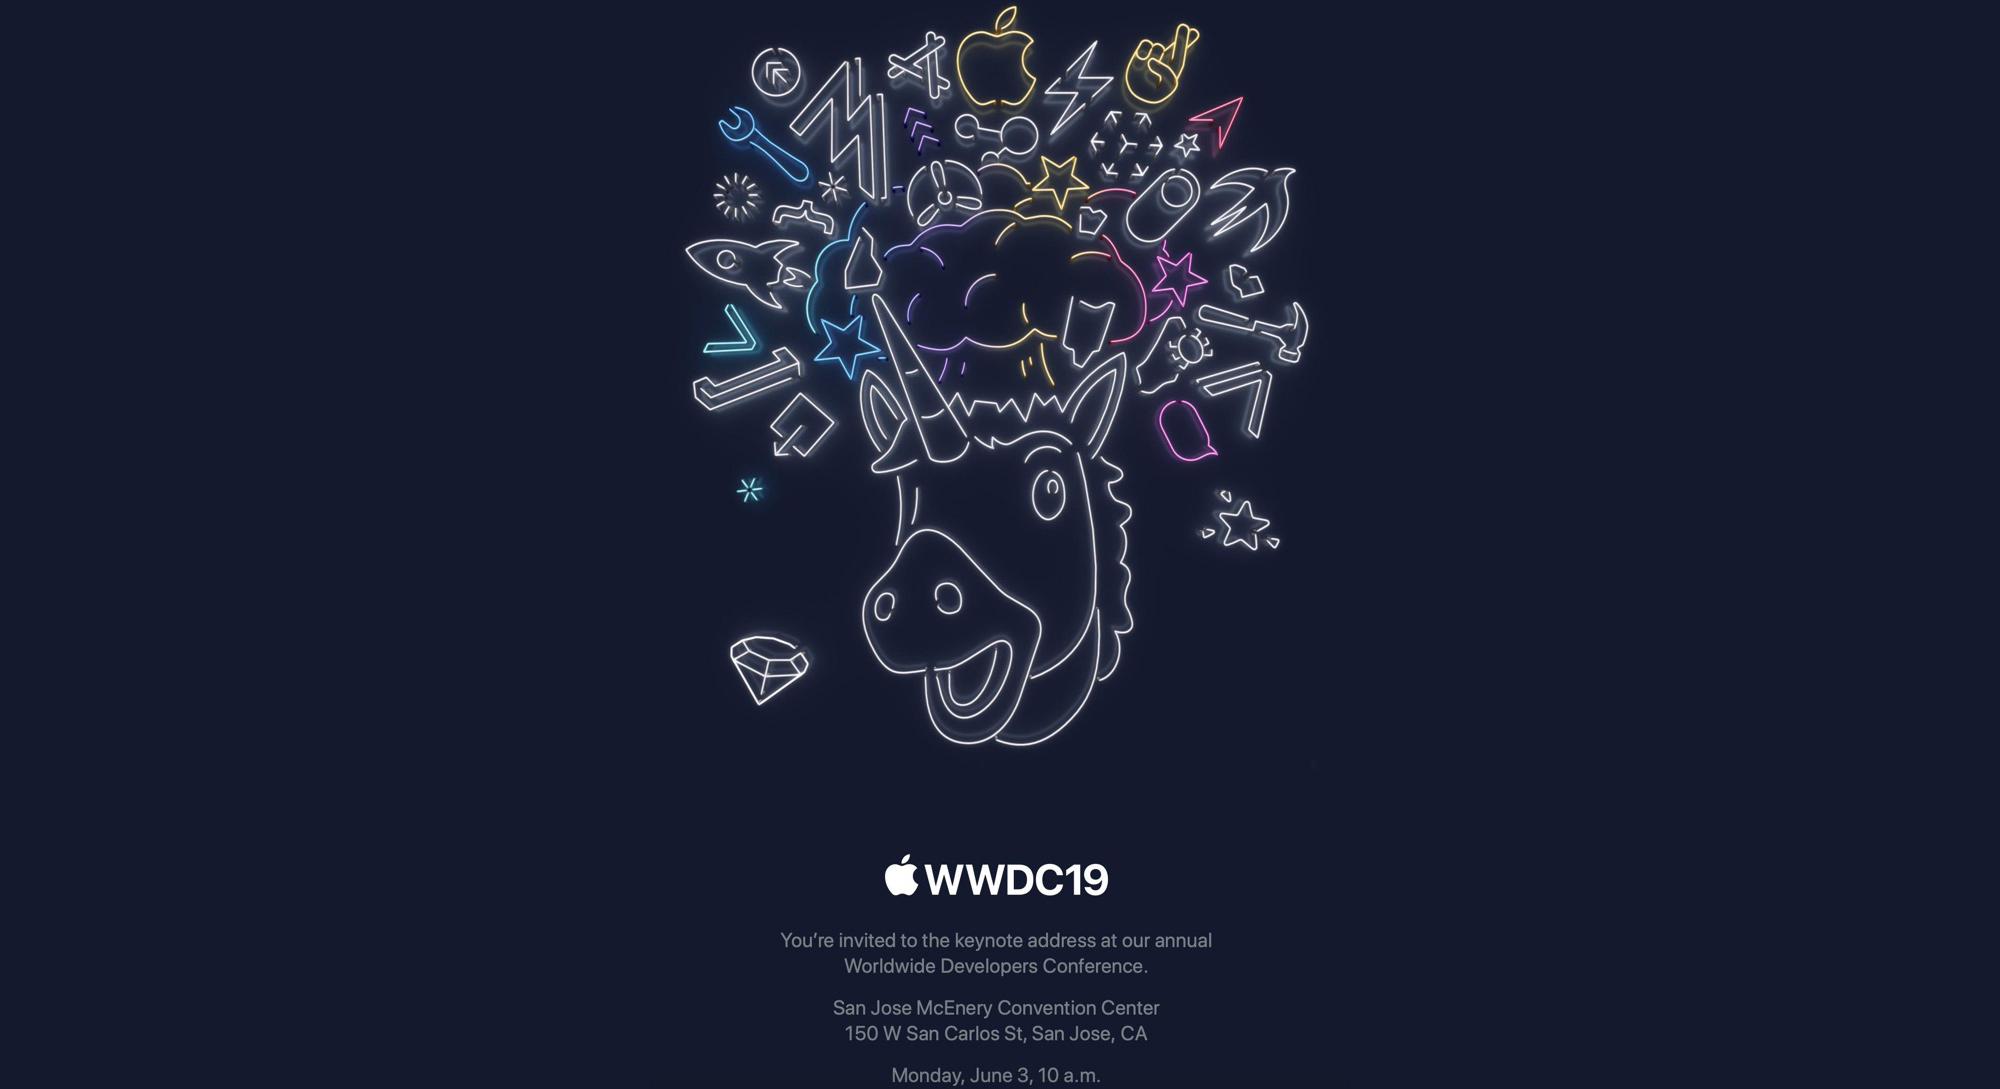 Apple wysłało do mediów zaproszenie na keynote otwierający WWDC19